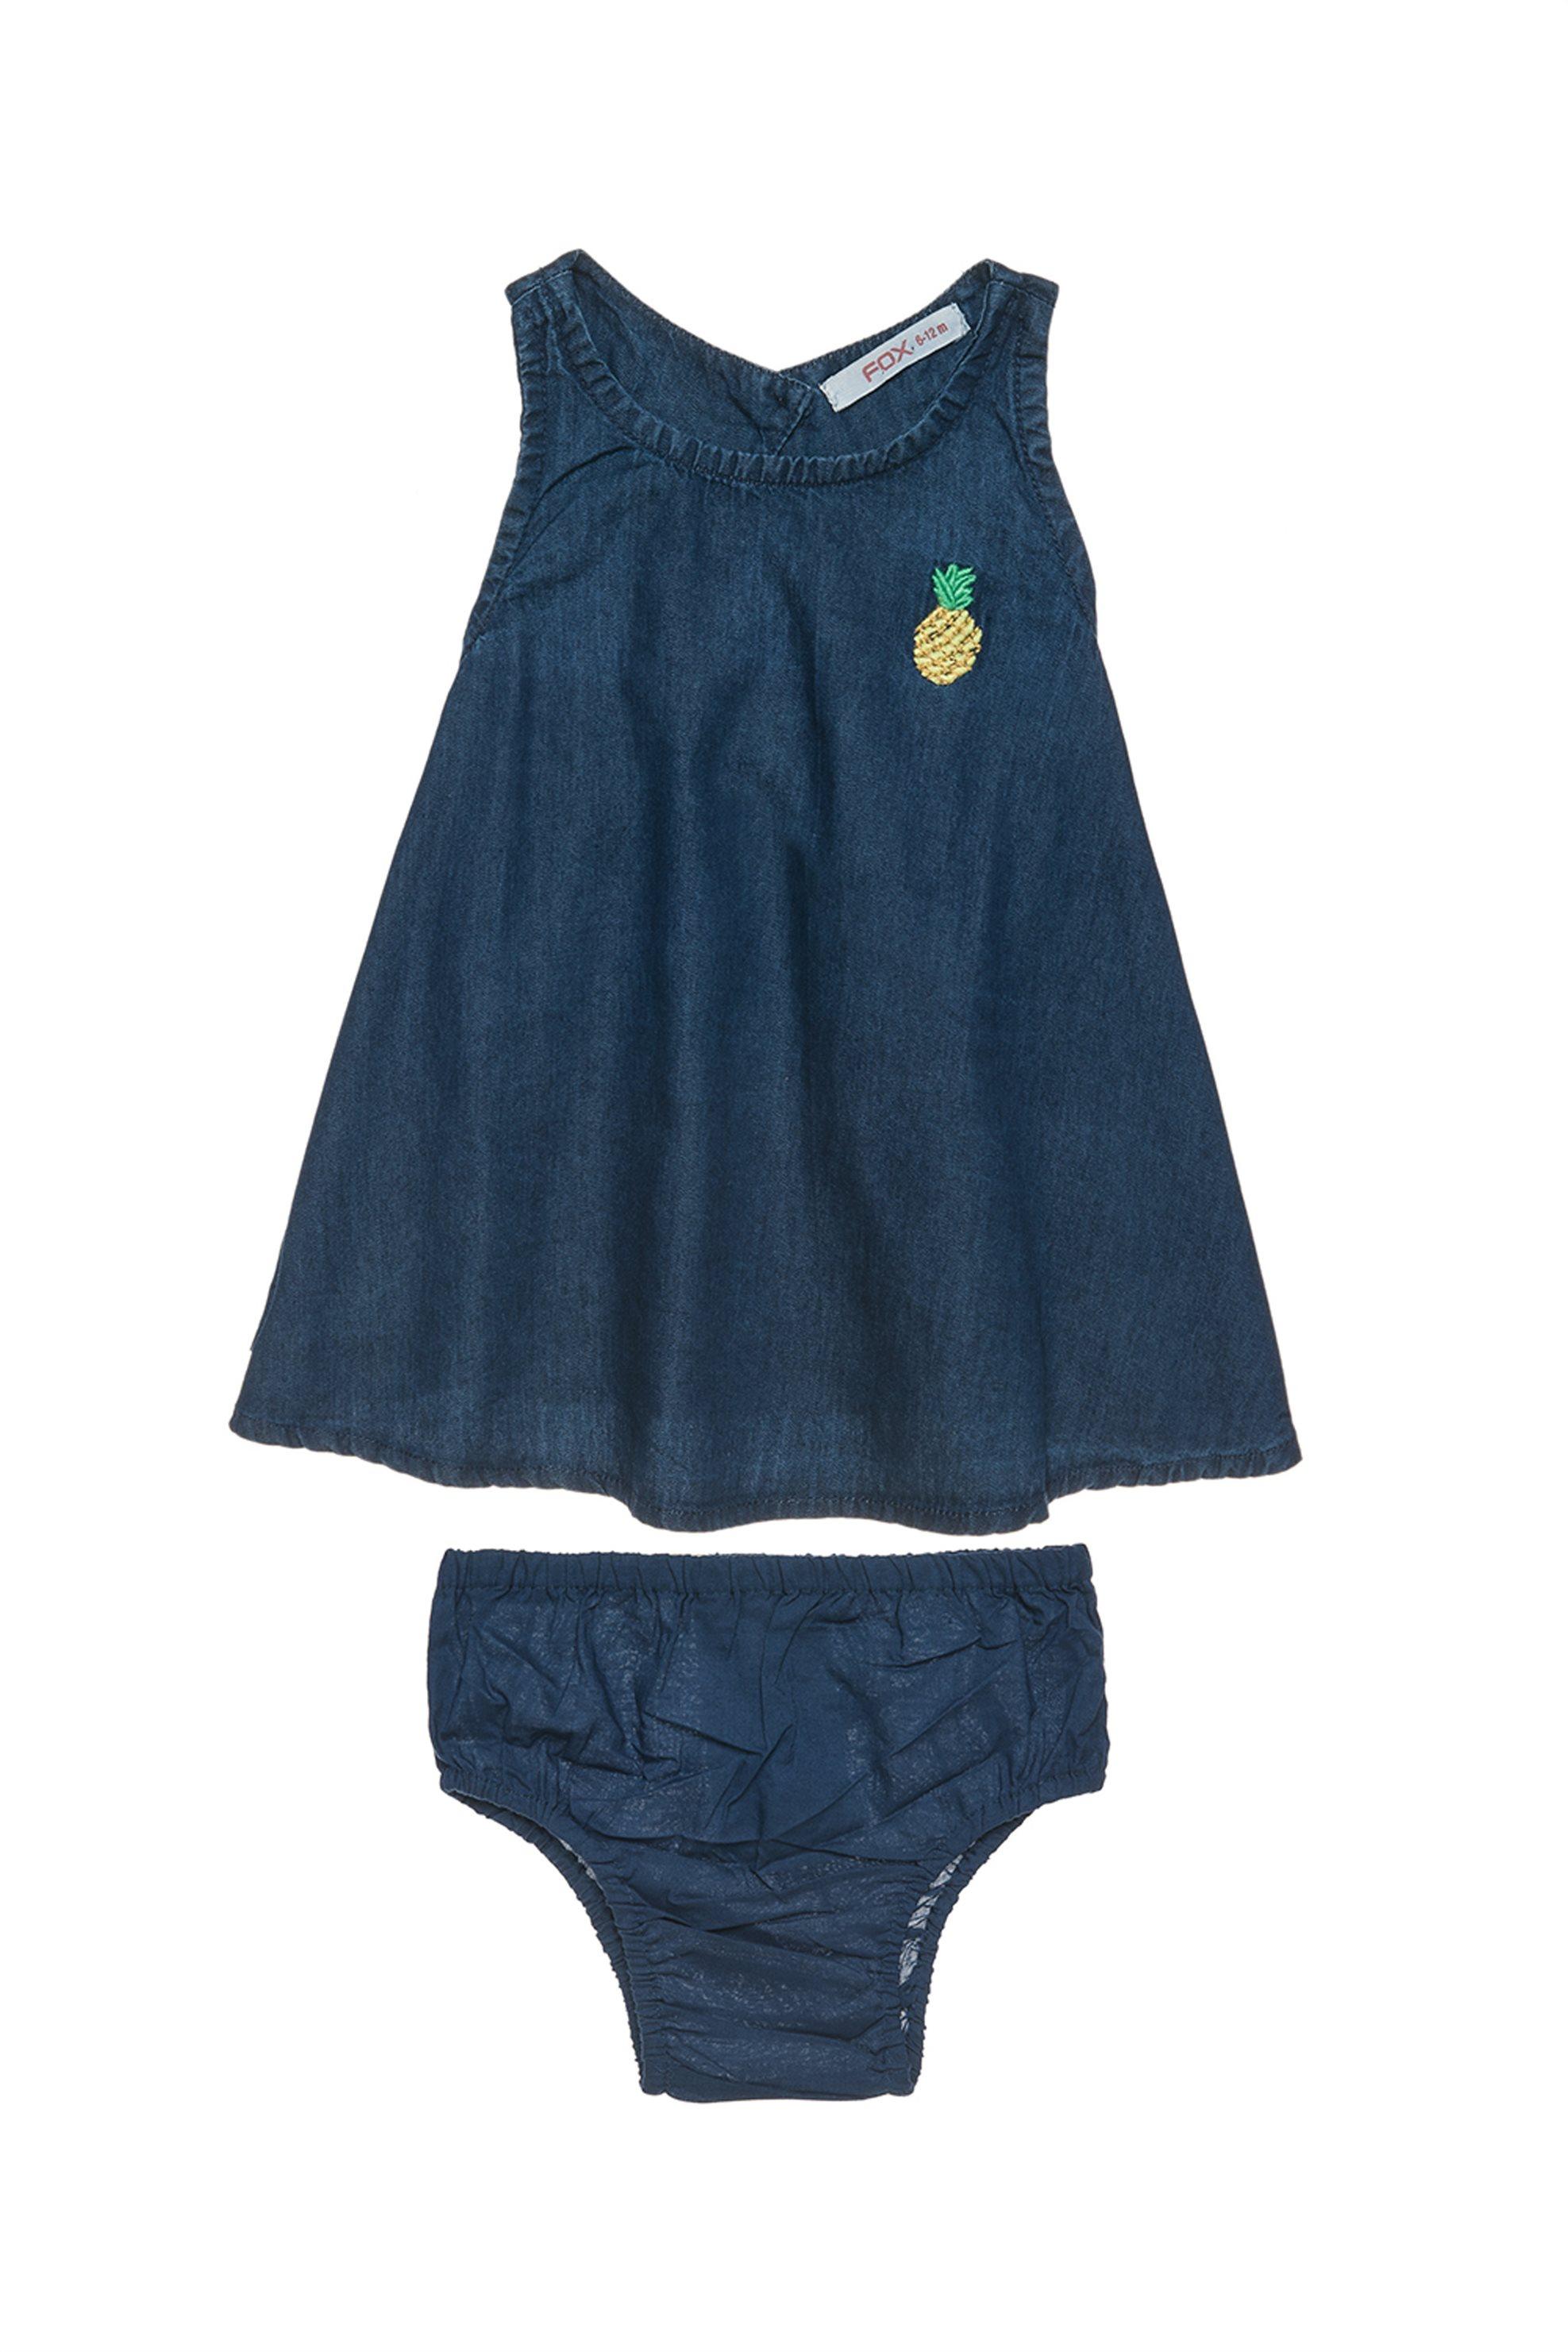 Βρεφικό φόρεμα αμάνικο τζην με κέντημα και ασορτί βρακάκι Alouette - 00241269 -  παιδι   βρεφικα κοριτσι   0 3 ετων   ρούχα   φορέματα   φούστες